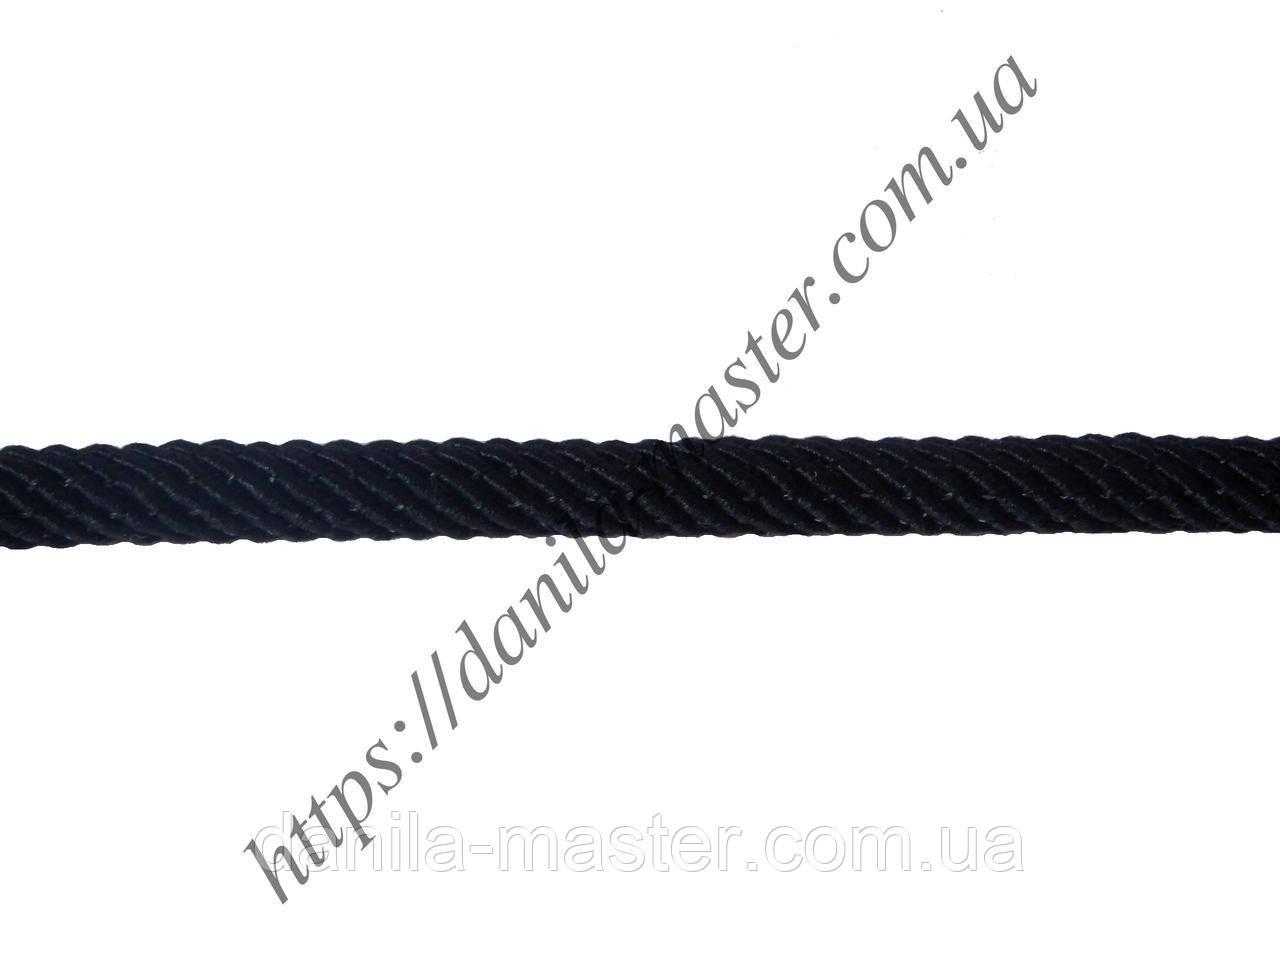 Шнур нейлоново-шелковый черный плетеный Milan 221 (d=3,0мм)